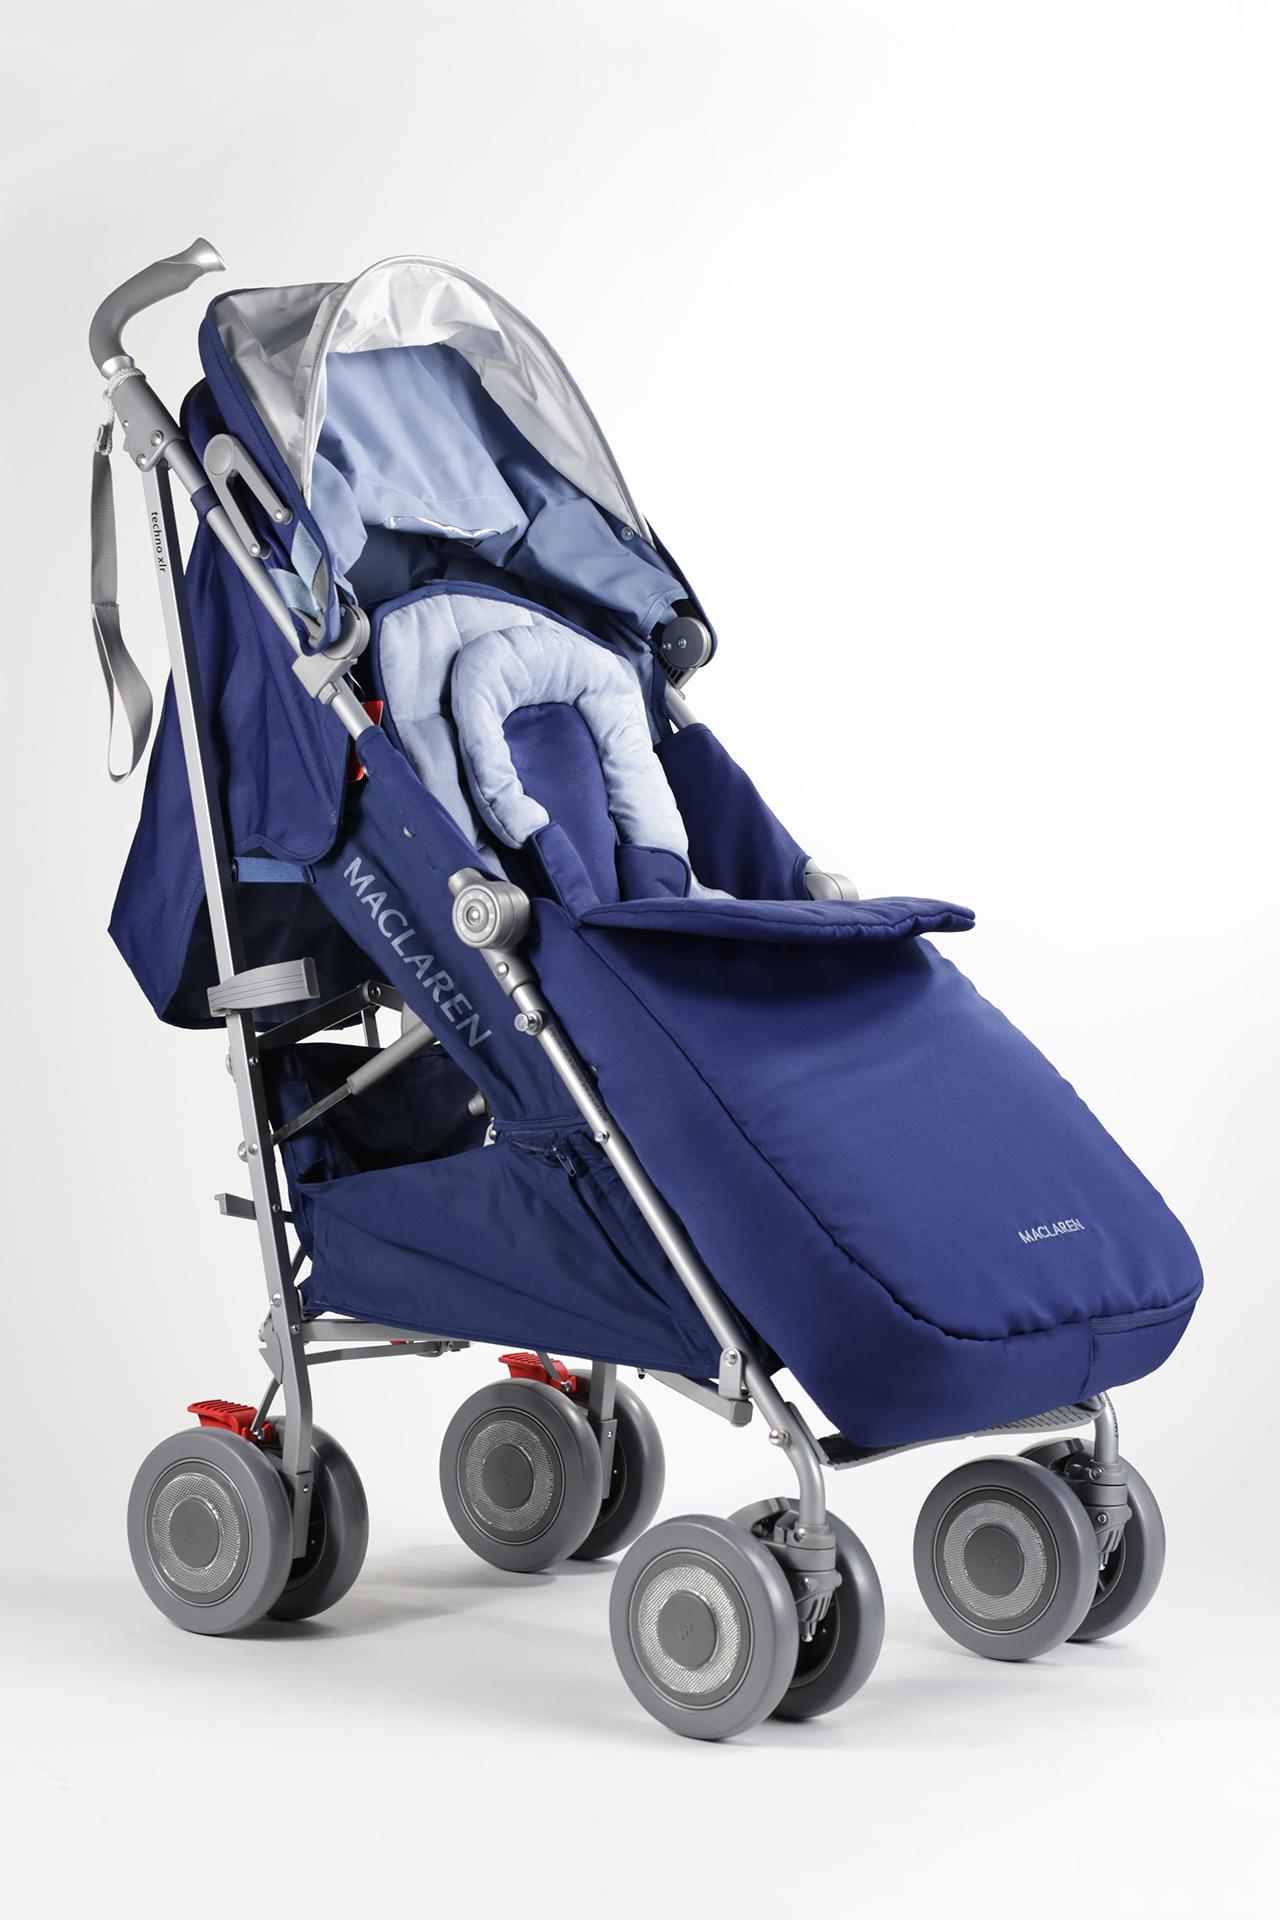 Silla de paseo techno xlr maclaren 2016 soft blue for Cochecitos maclaren precios